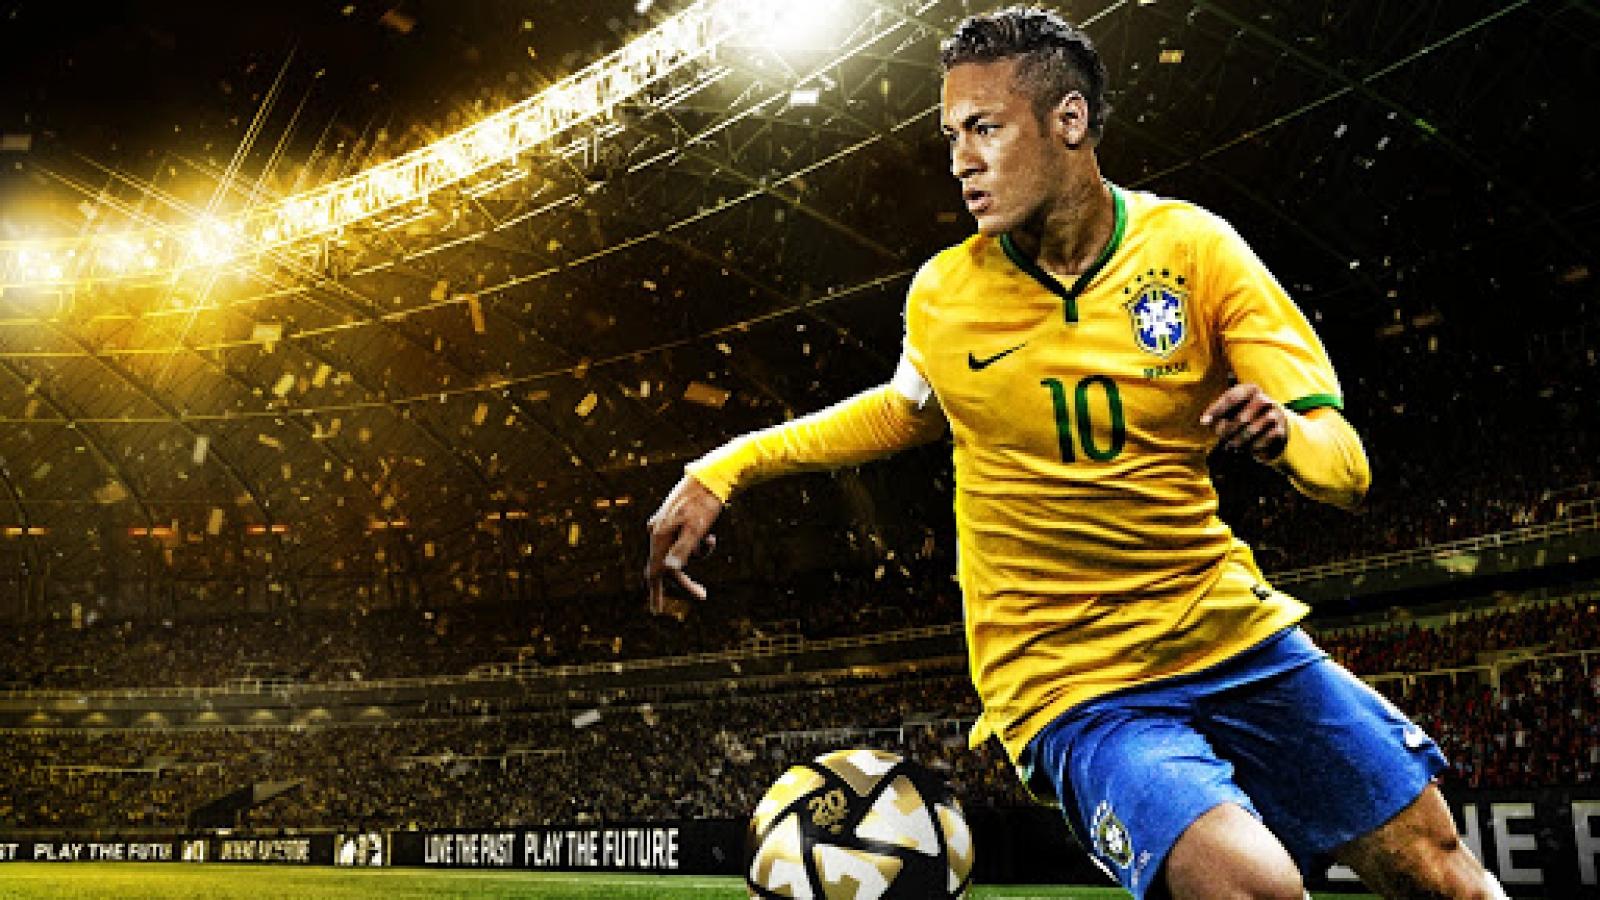 Top 10 cầu thủ Brazil kỹ thuật nhất PES 2020: Neymar ở đẳng cấp khác biệt